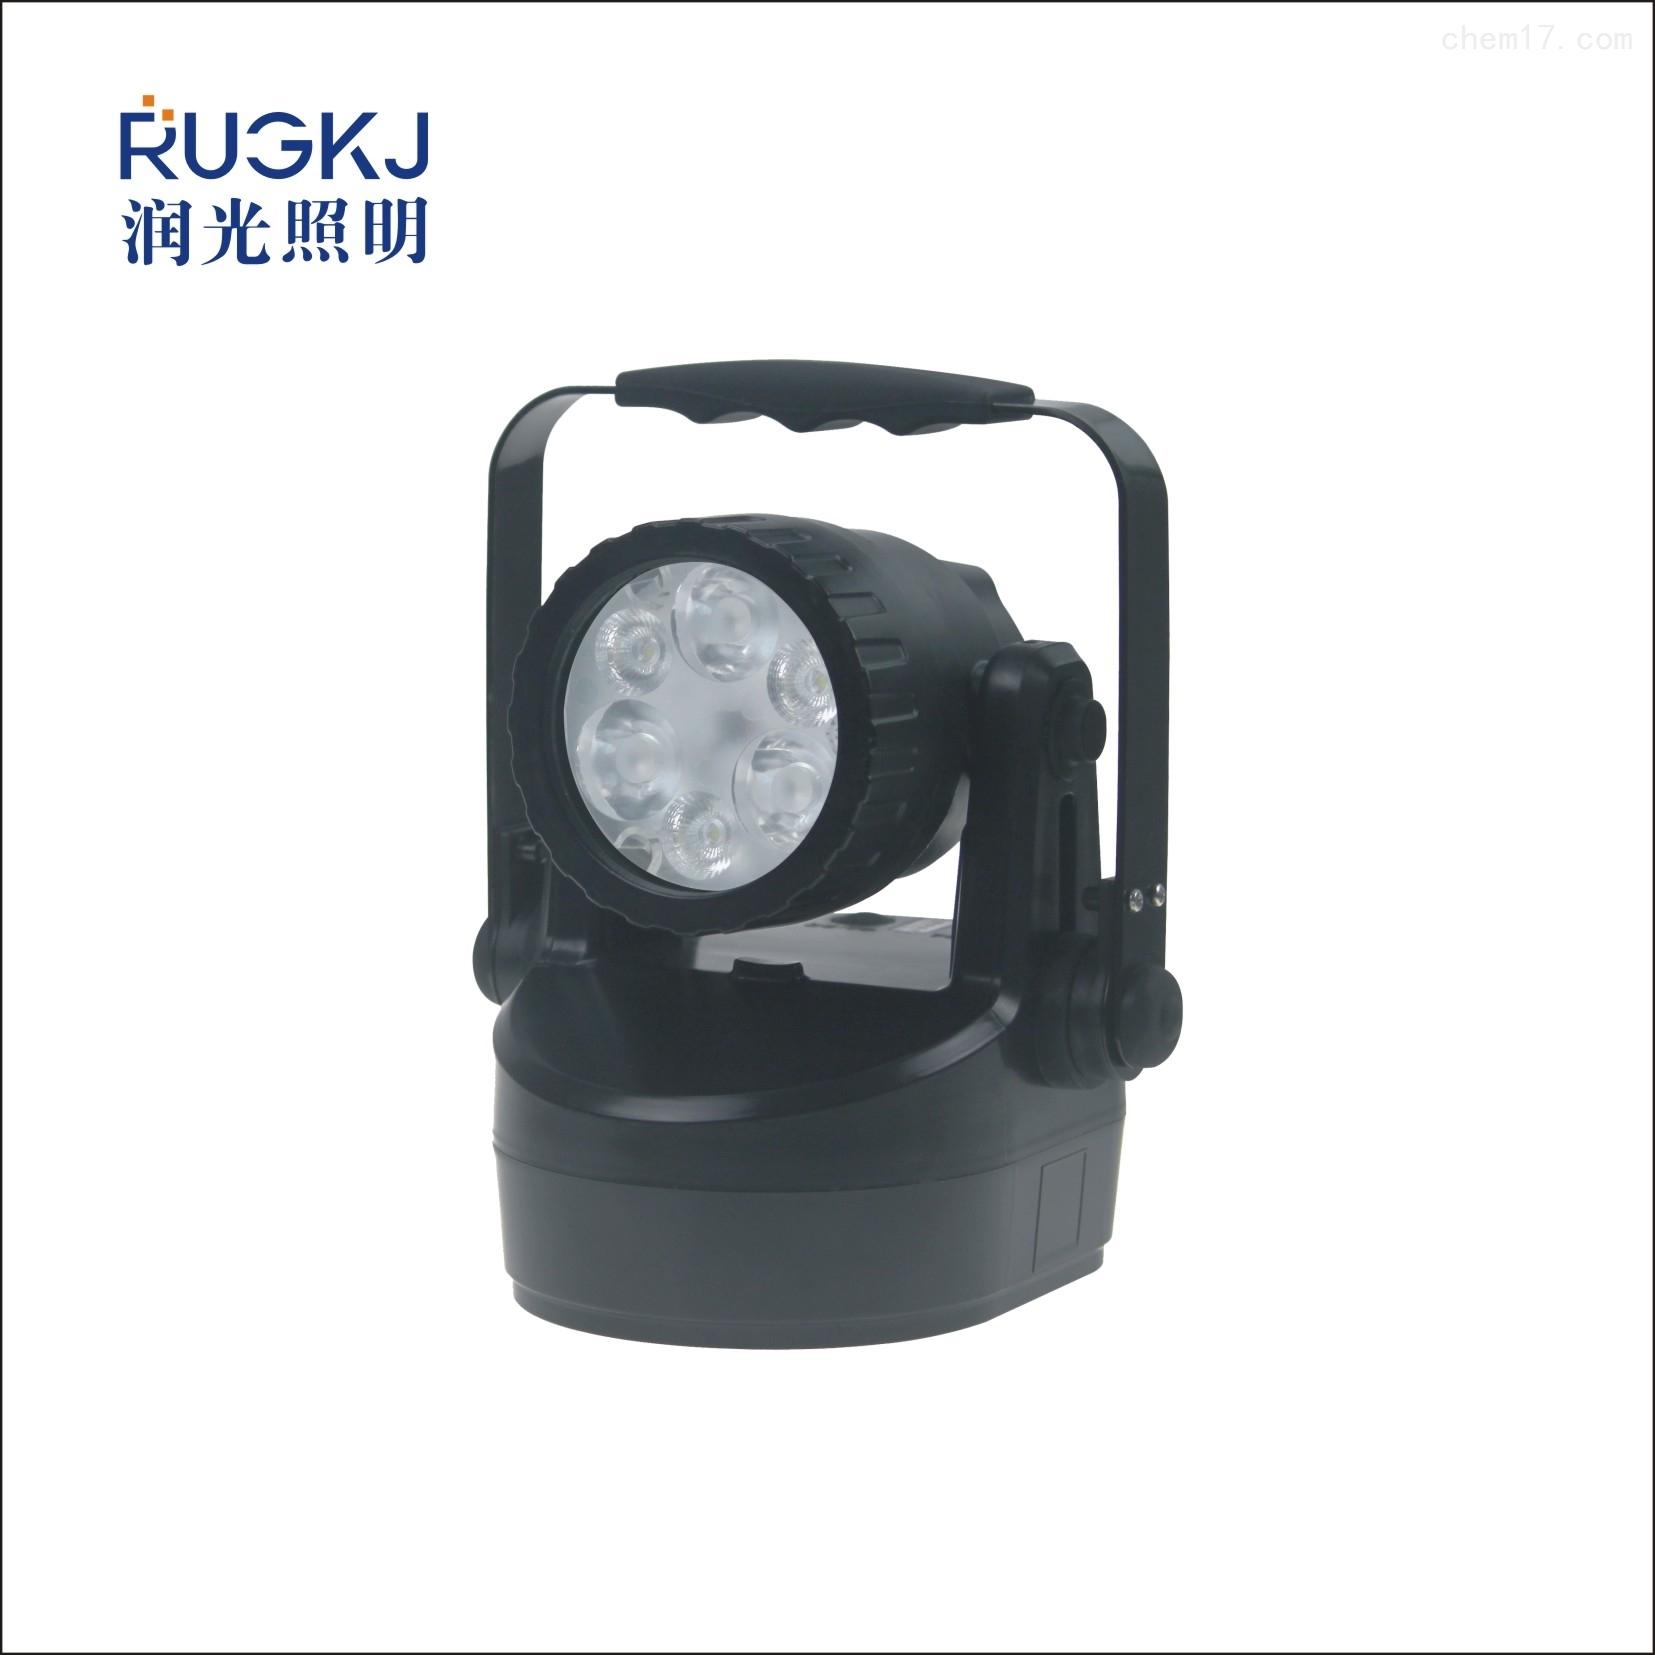 润光照明-JIW5282轻便式多功能防爆工作灯